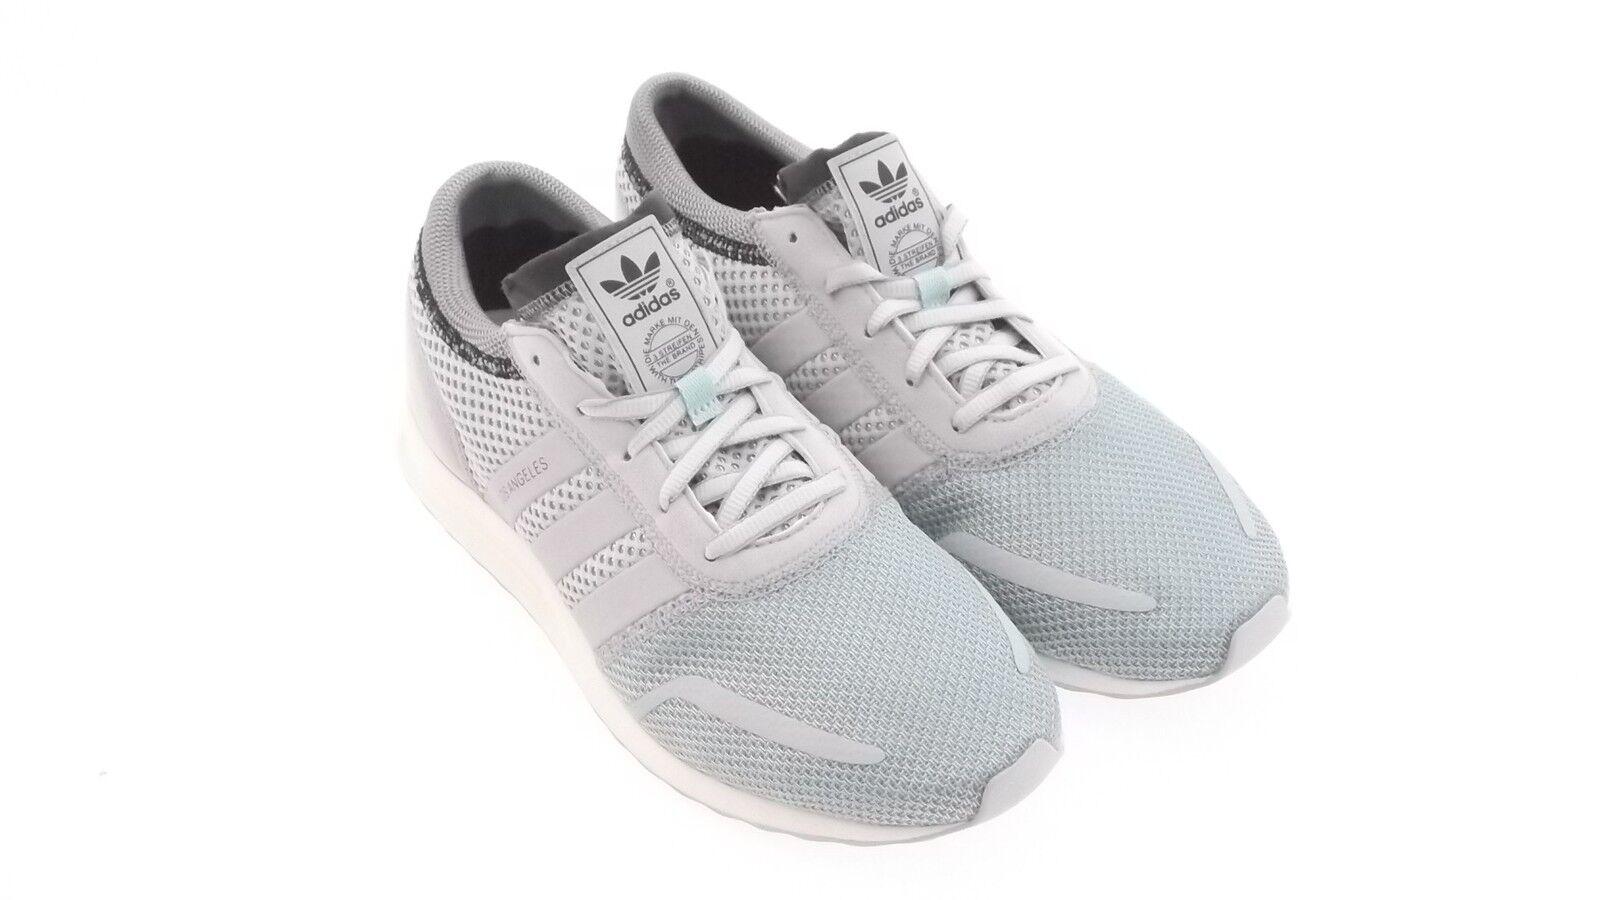 Adidas Men Los Angeles bluee clear aqua lgh solid grey mgh solid grey S41988